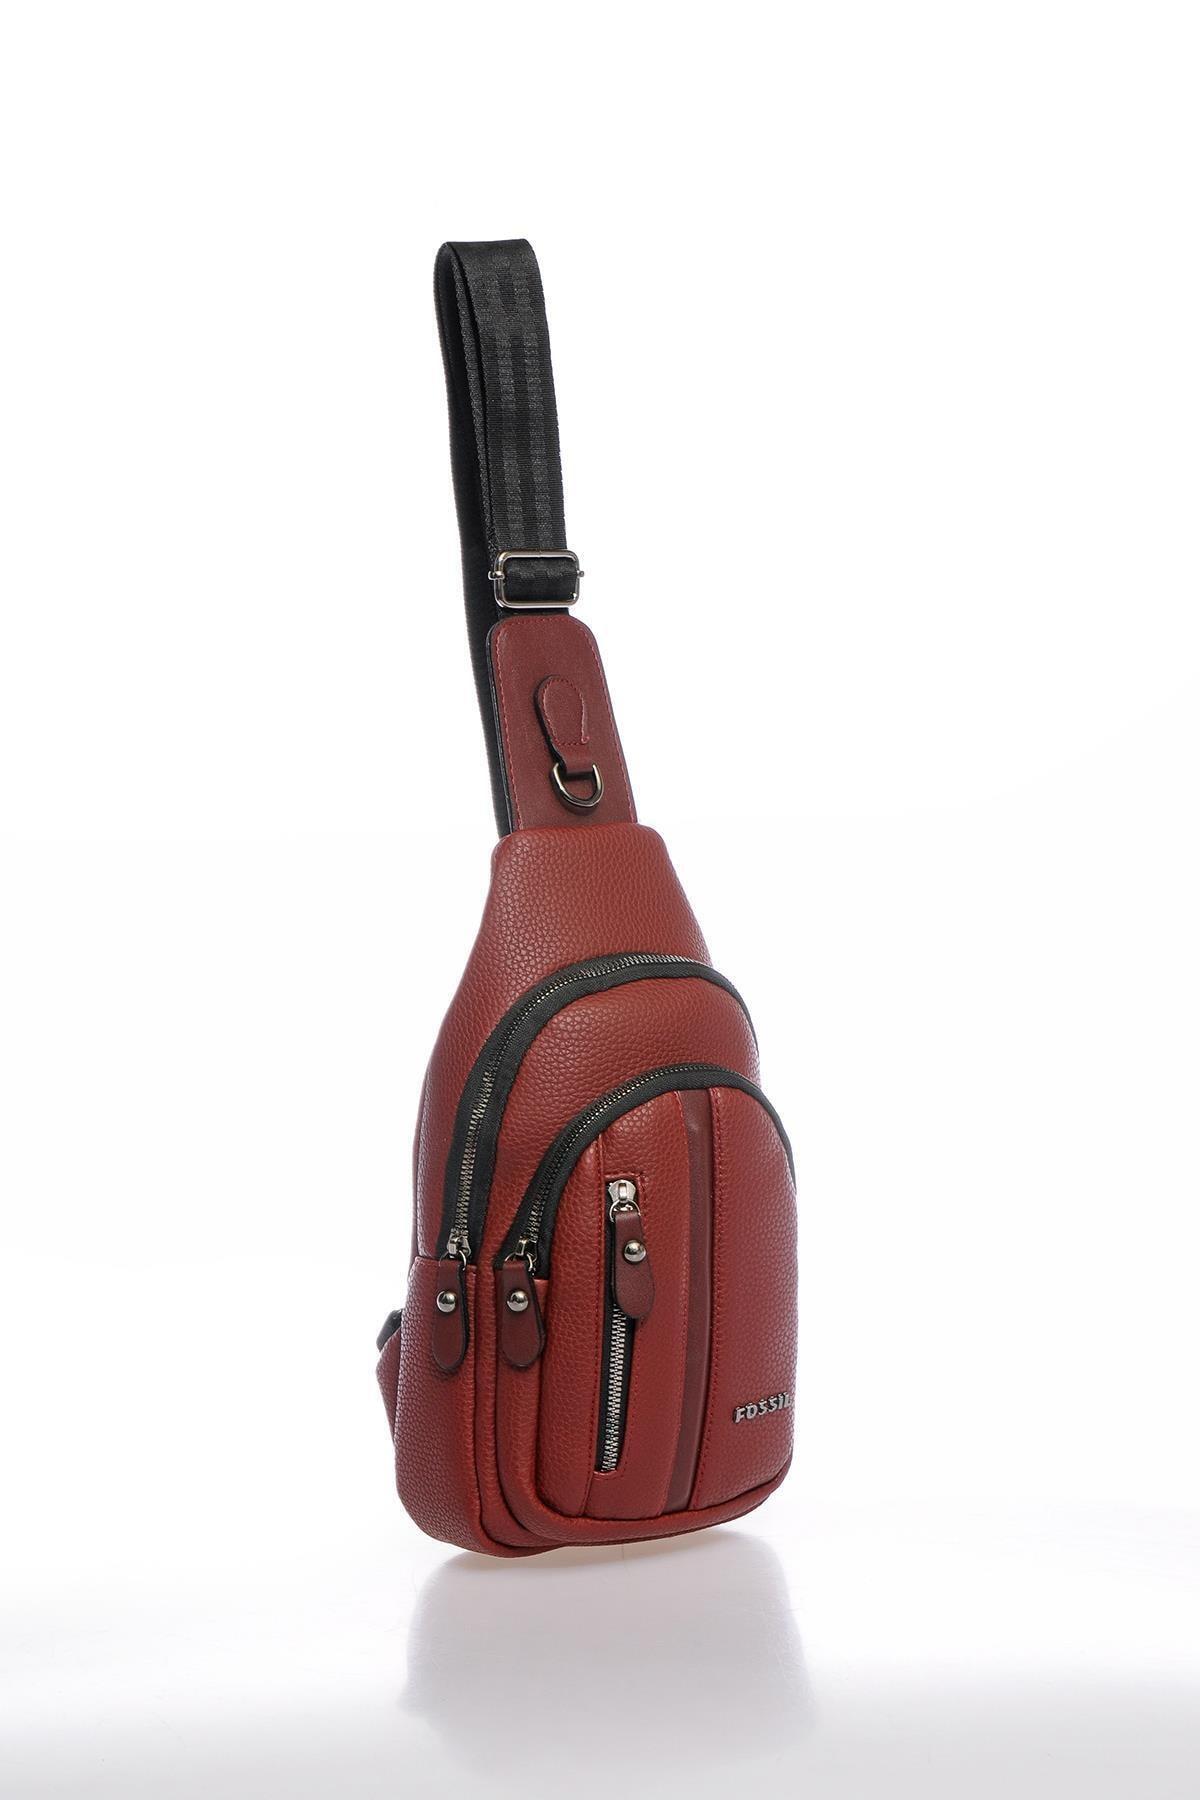 Fossil Fscr064697 Bordo Unisex Body Bag 2